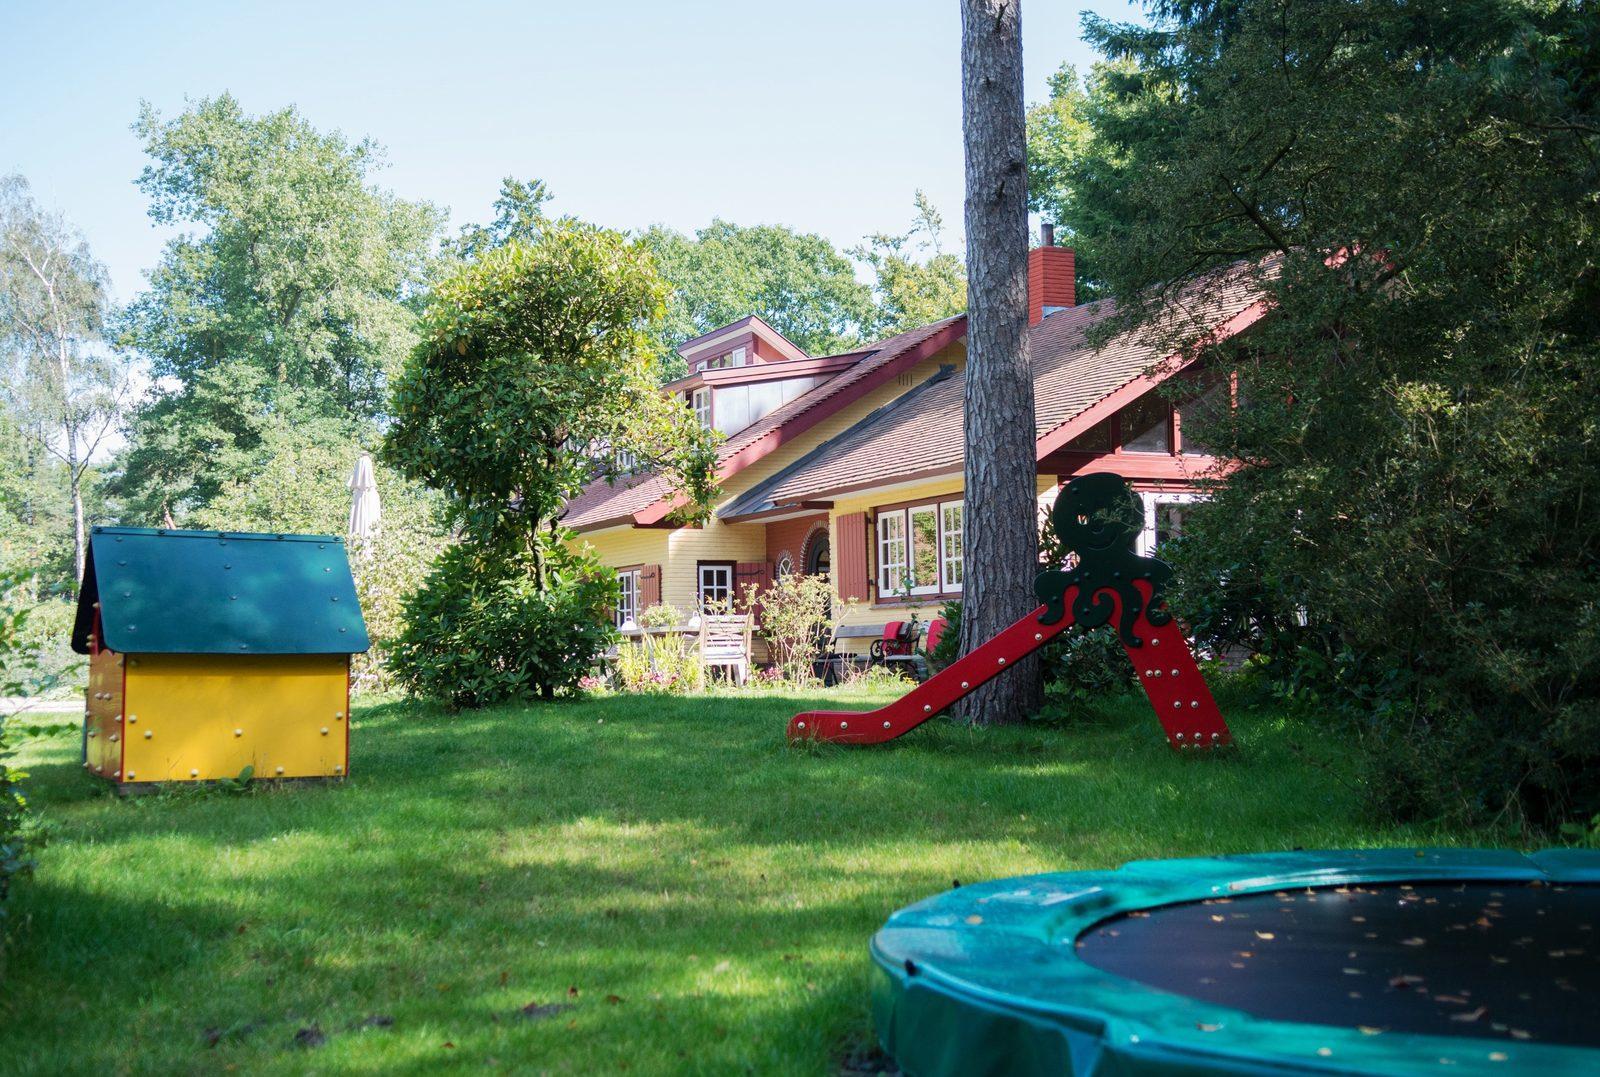 Buitenplaets de Heide, een vakantiehuis voor families